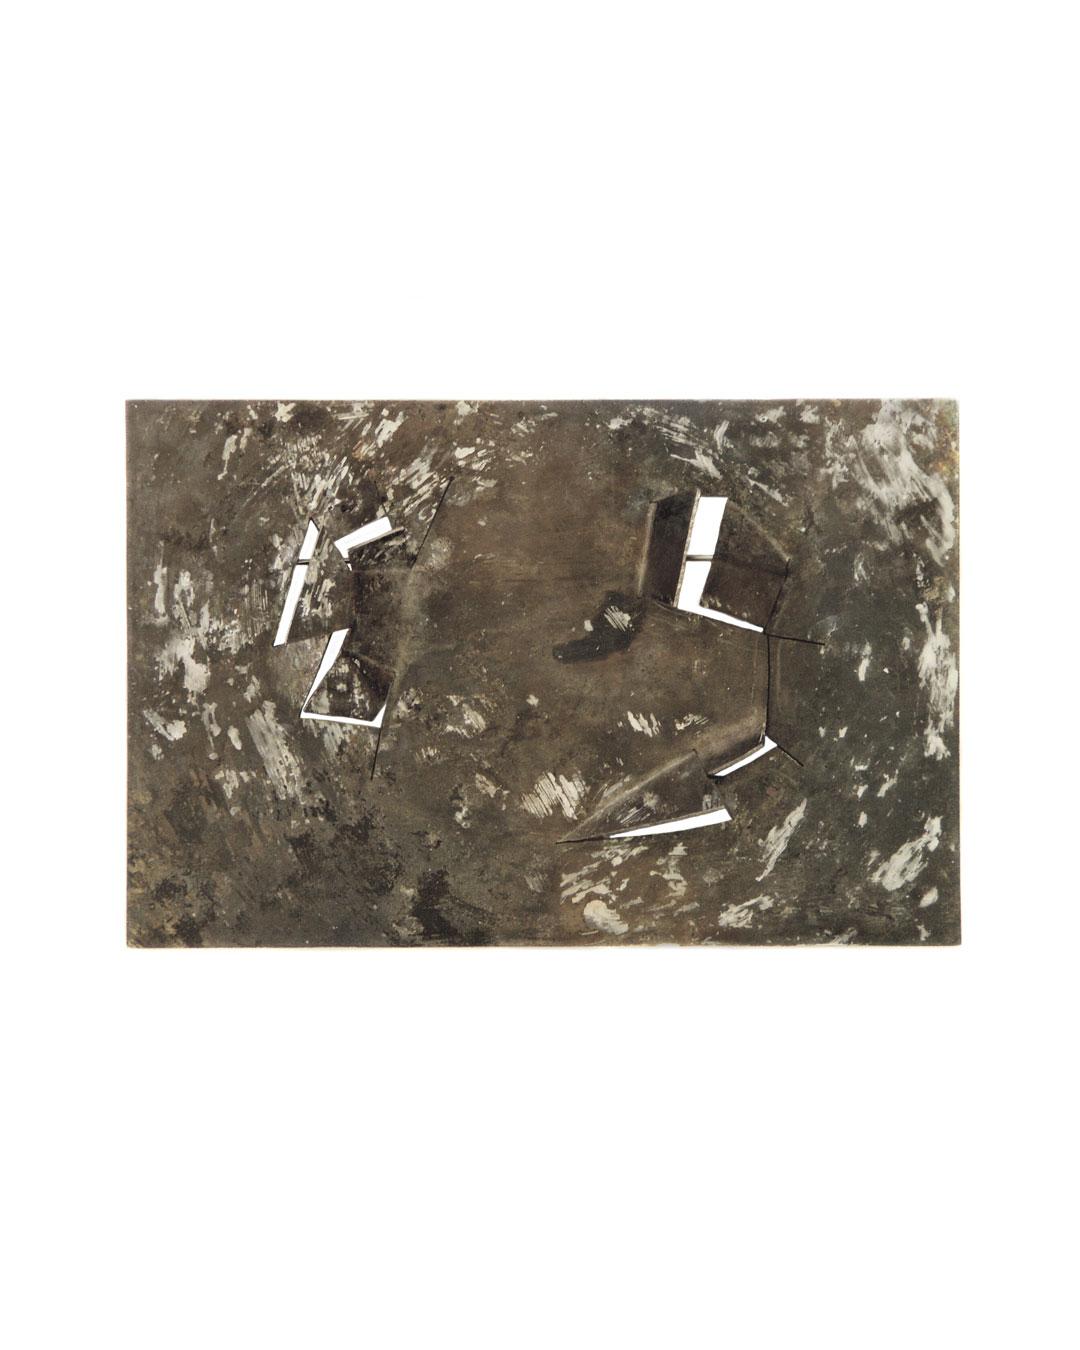 Ann Schmalwasser, Landschaft im Schnee (Landscape in Snow), 2005, brooch; titanium, paint, 110 x 73 x 7 mm, €1070